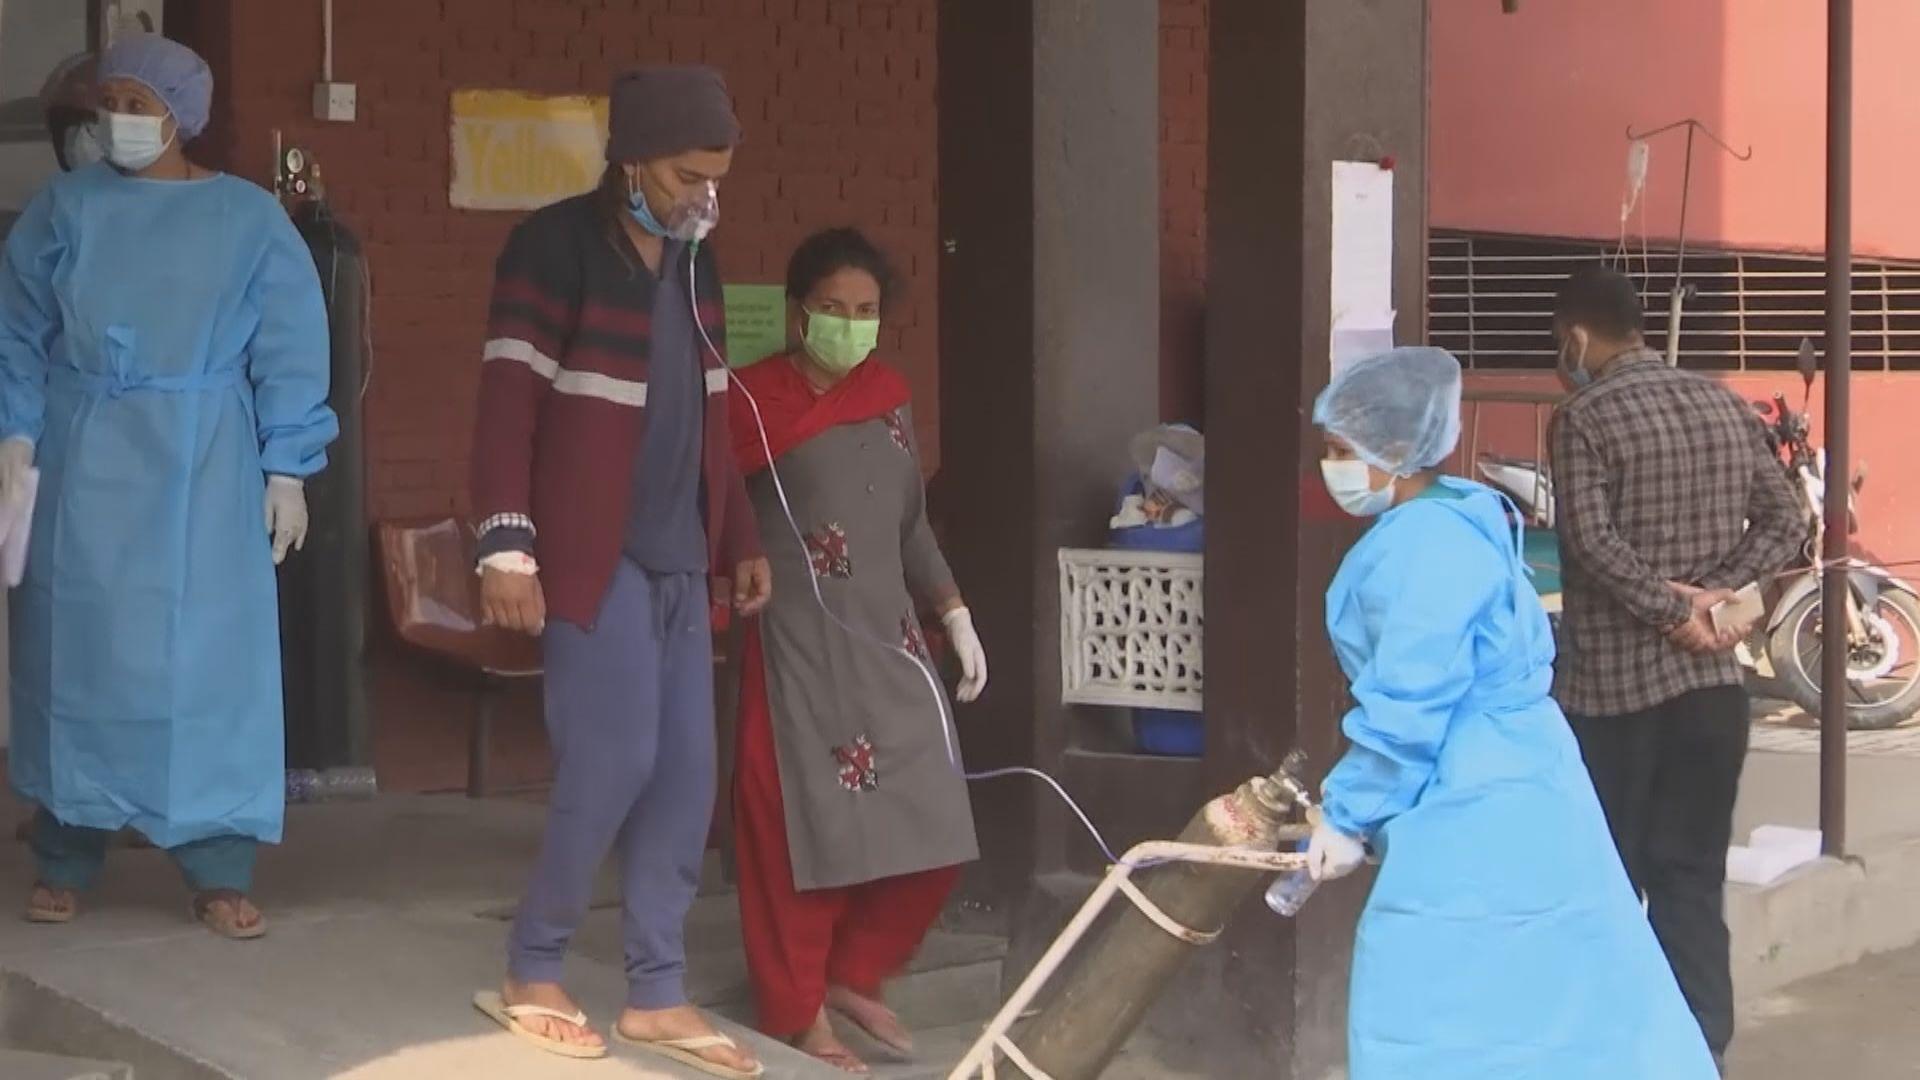 印度疫情未見受控 氧氣需求急增七倍但供應仍嚴重短缺